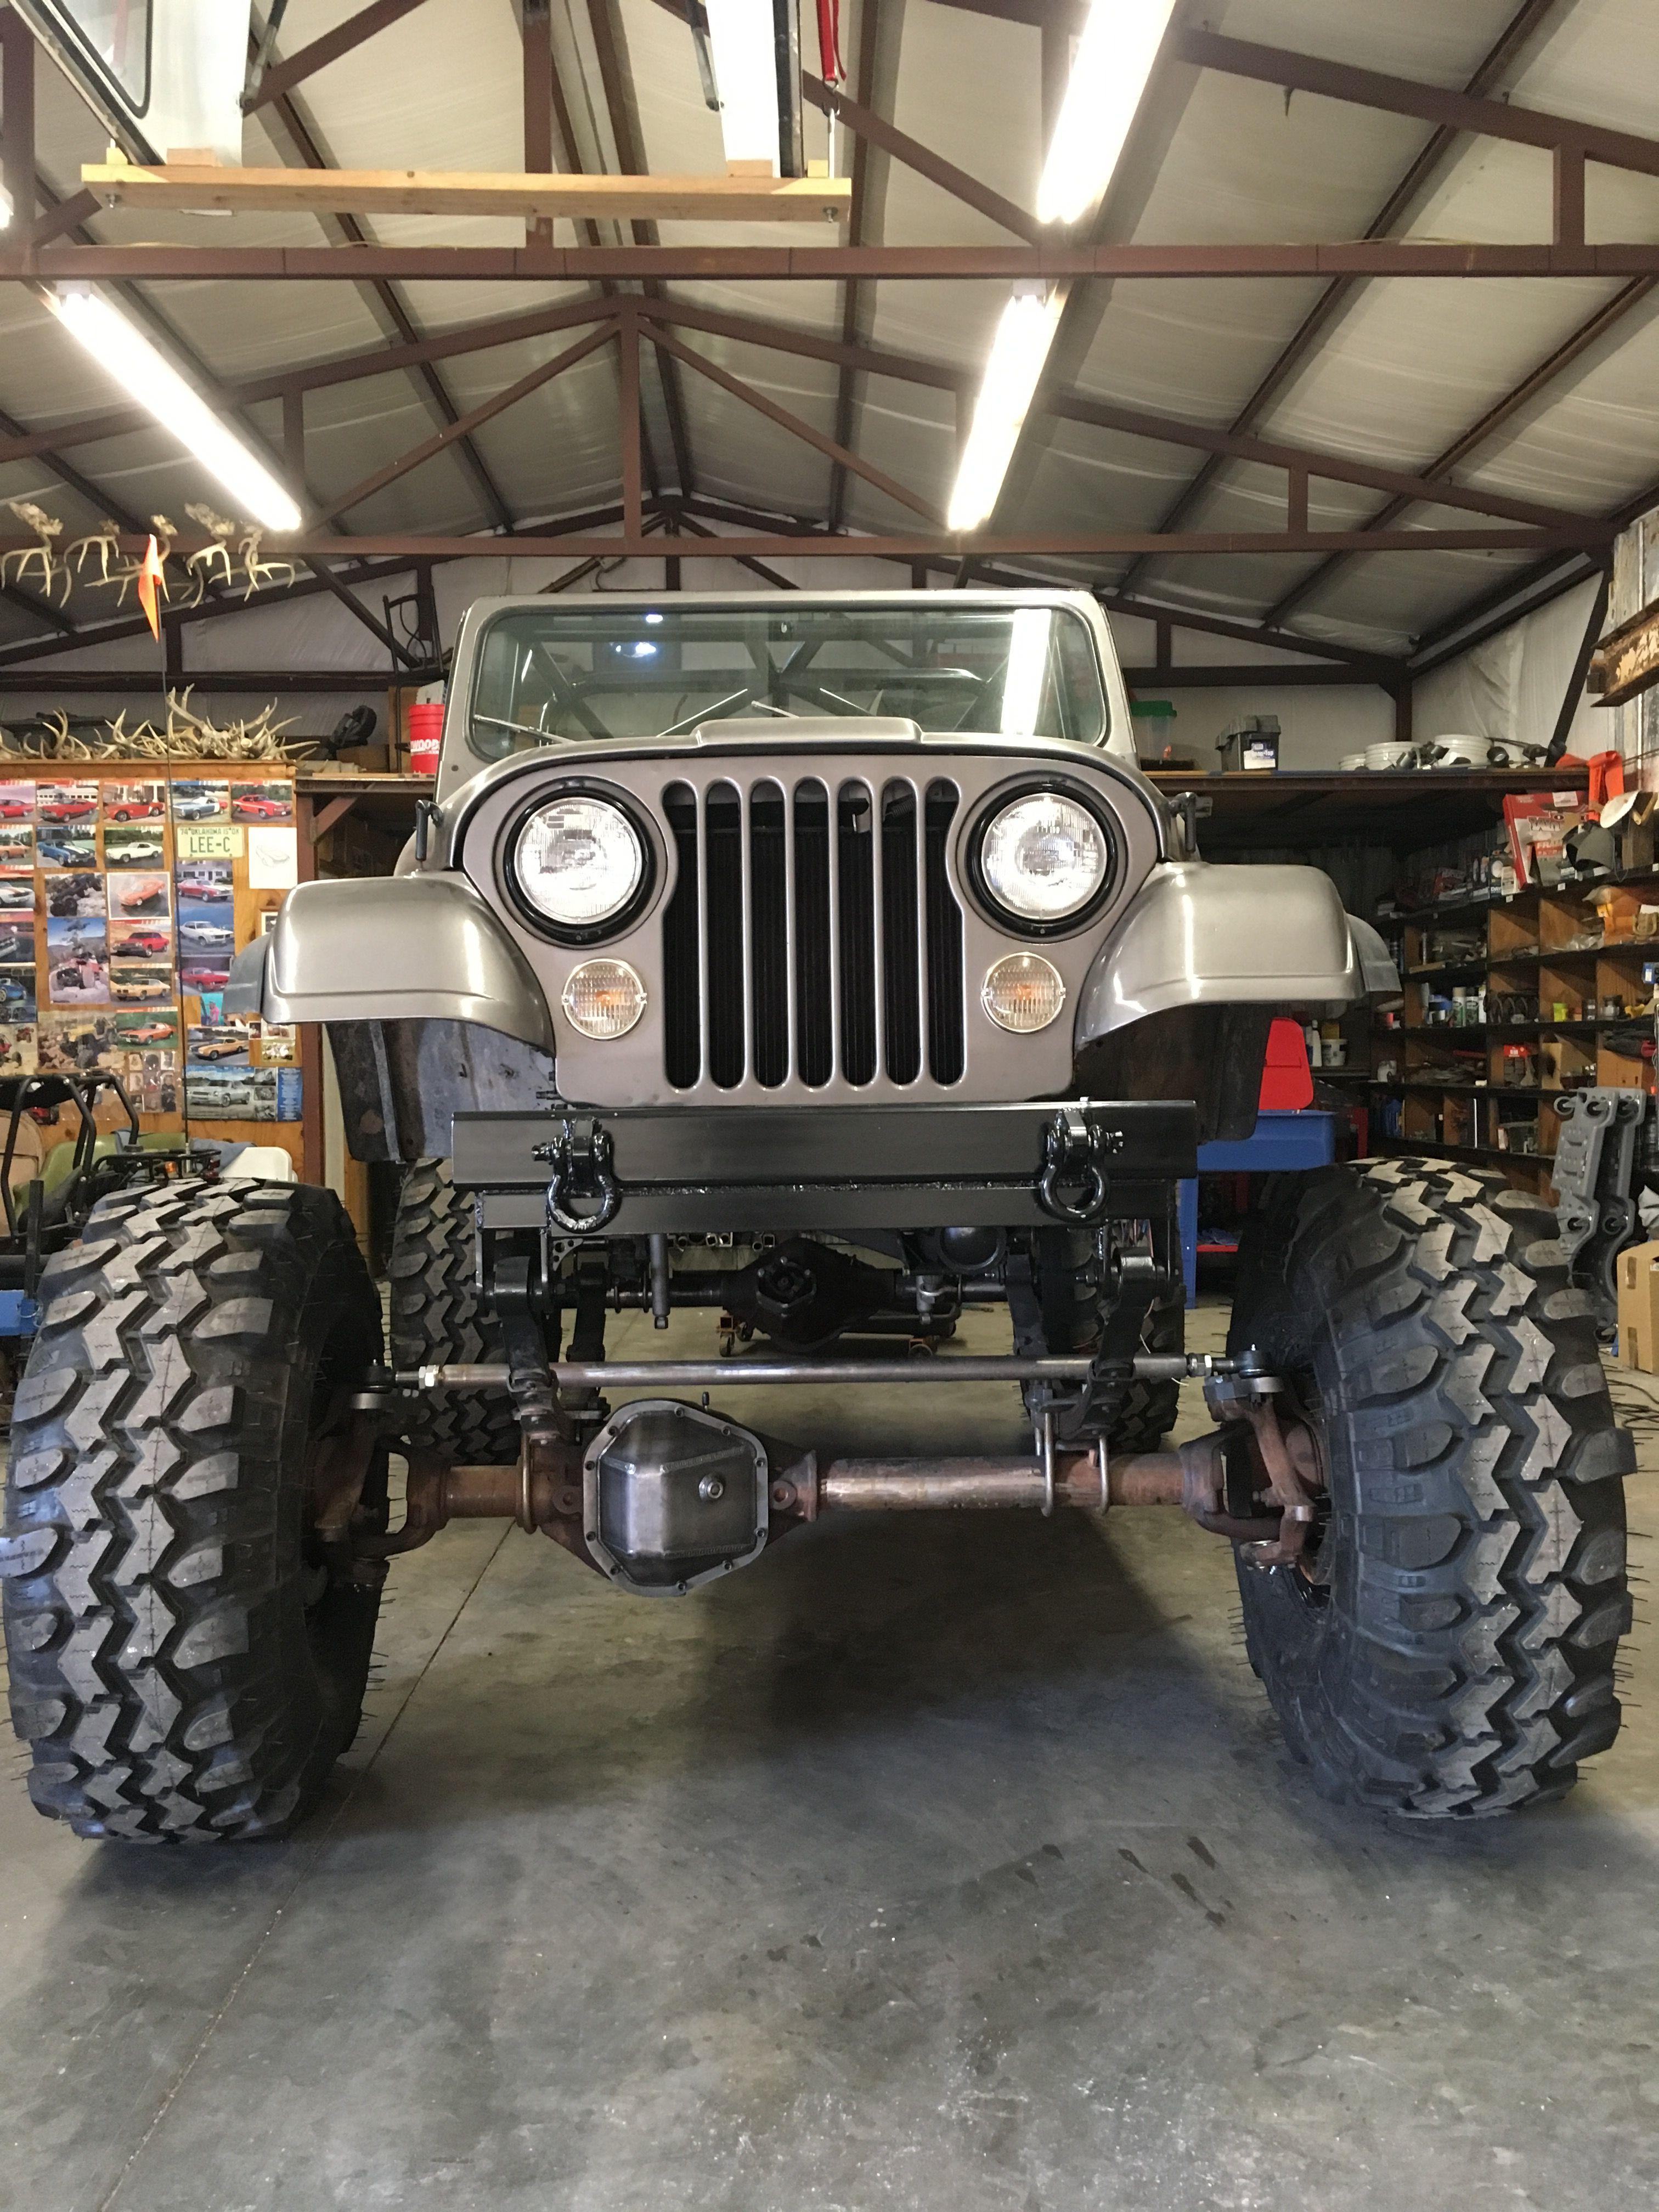 Cj 7 On 1 Tons And 40 Jeep Cj6 Jeep Cj Jeep Yj